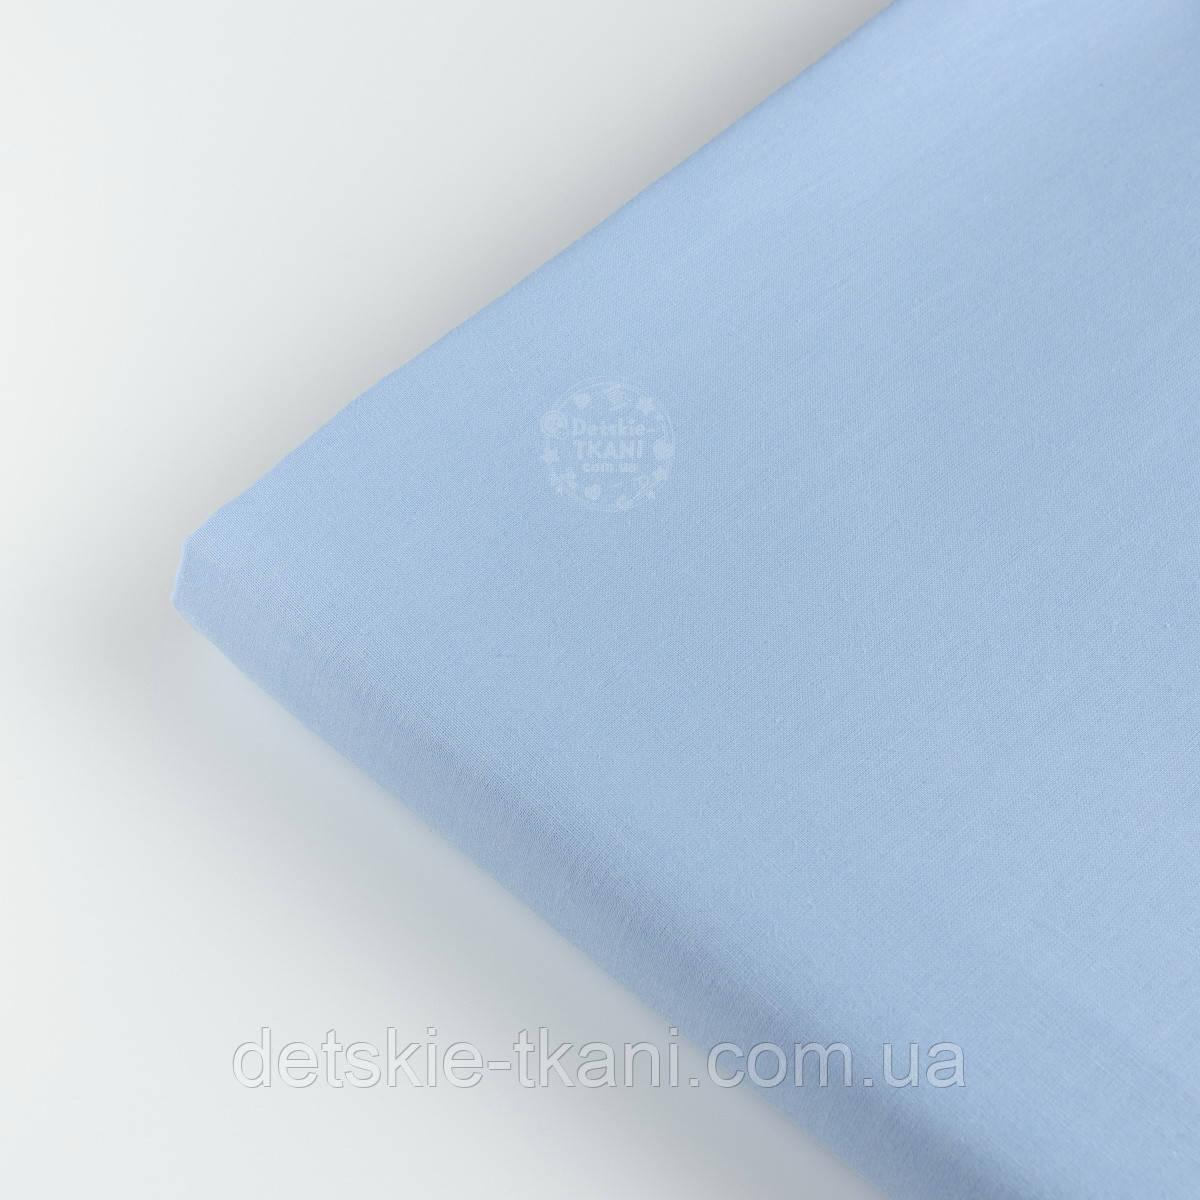 Клапоть тканини середньо-блакитного кольору, №1385а, розмір 27*115 см